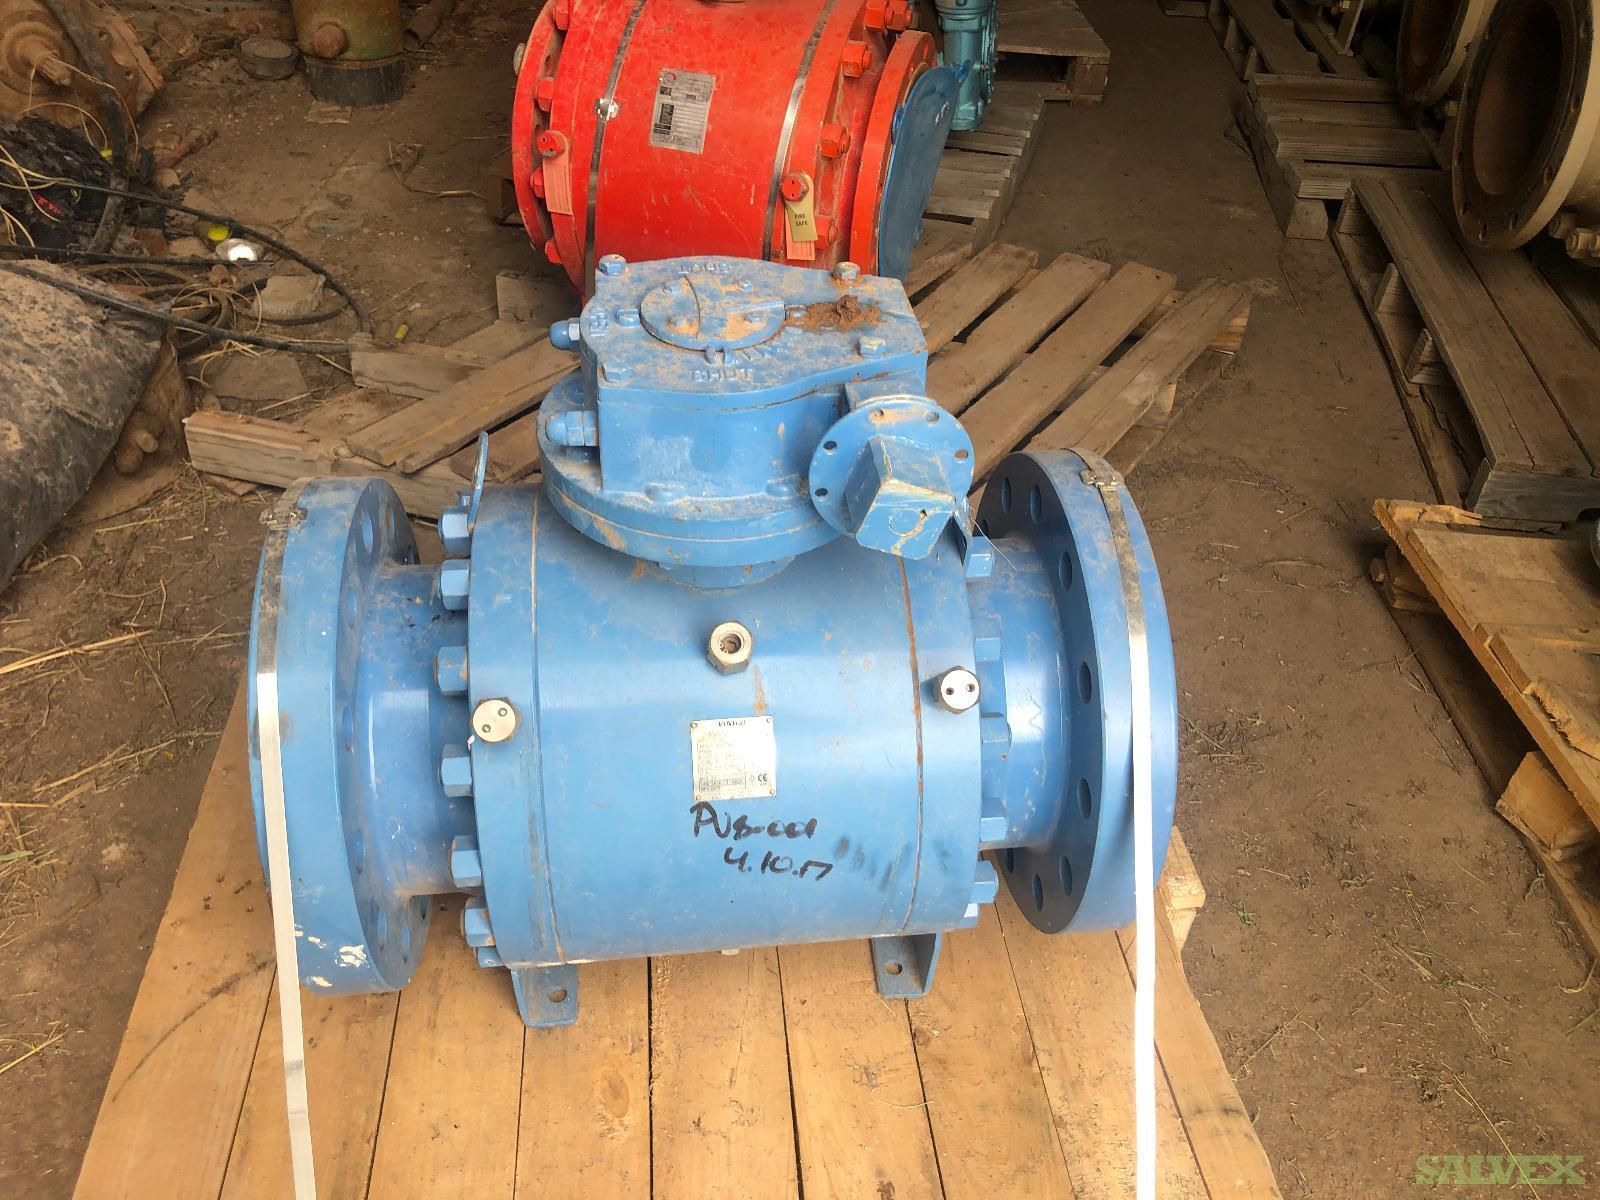 High Pressure Valves (17 Units)